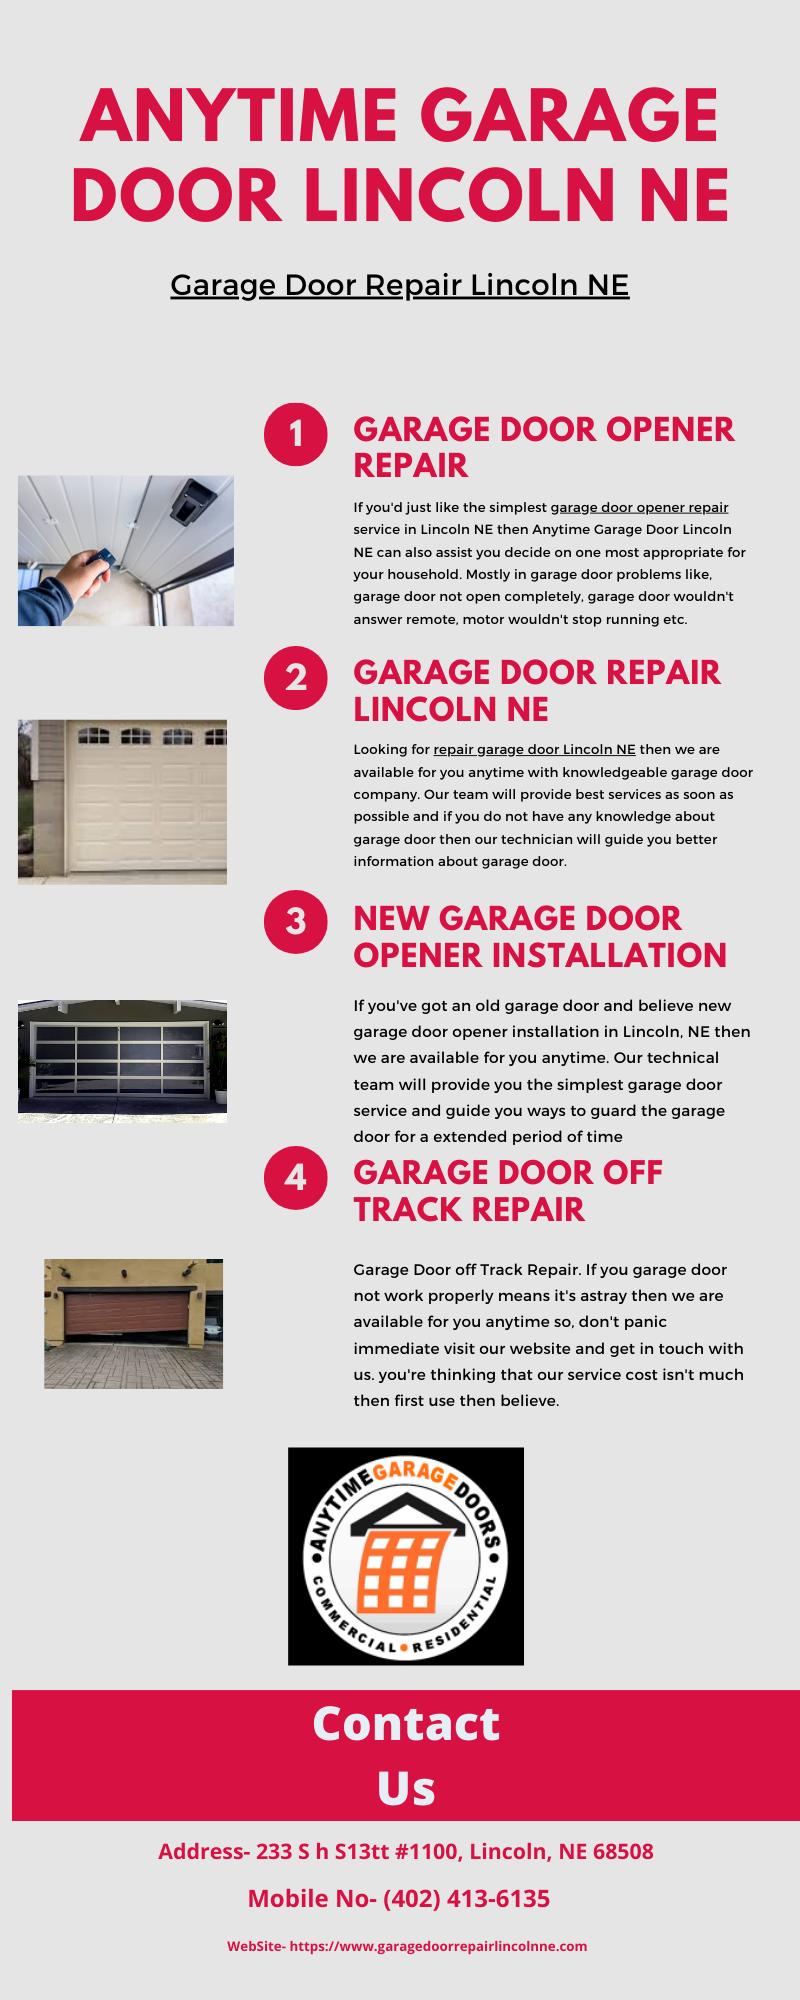 Garage Door Repair Lincoln Ne In 2020 Garage Door Opener Repair Garage Doors Garage Door Repair